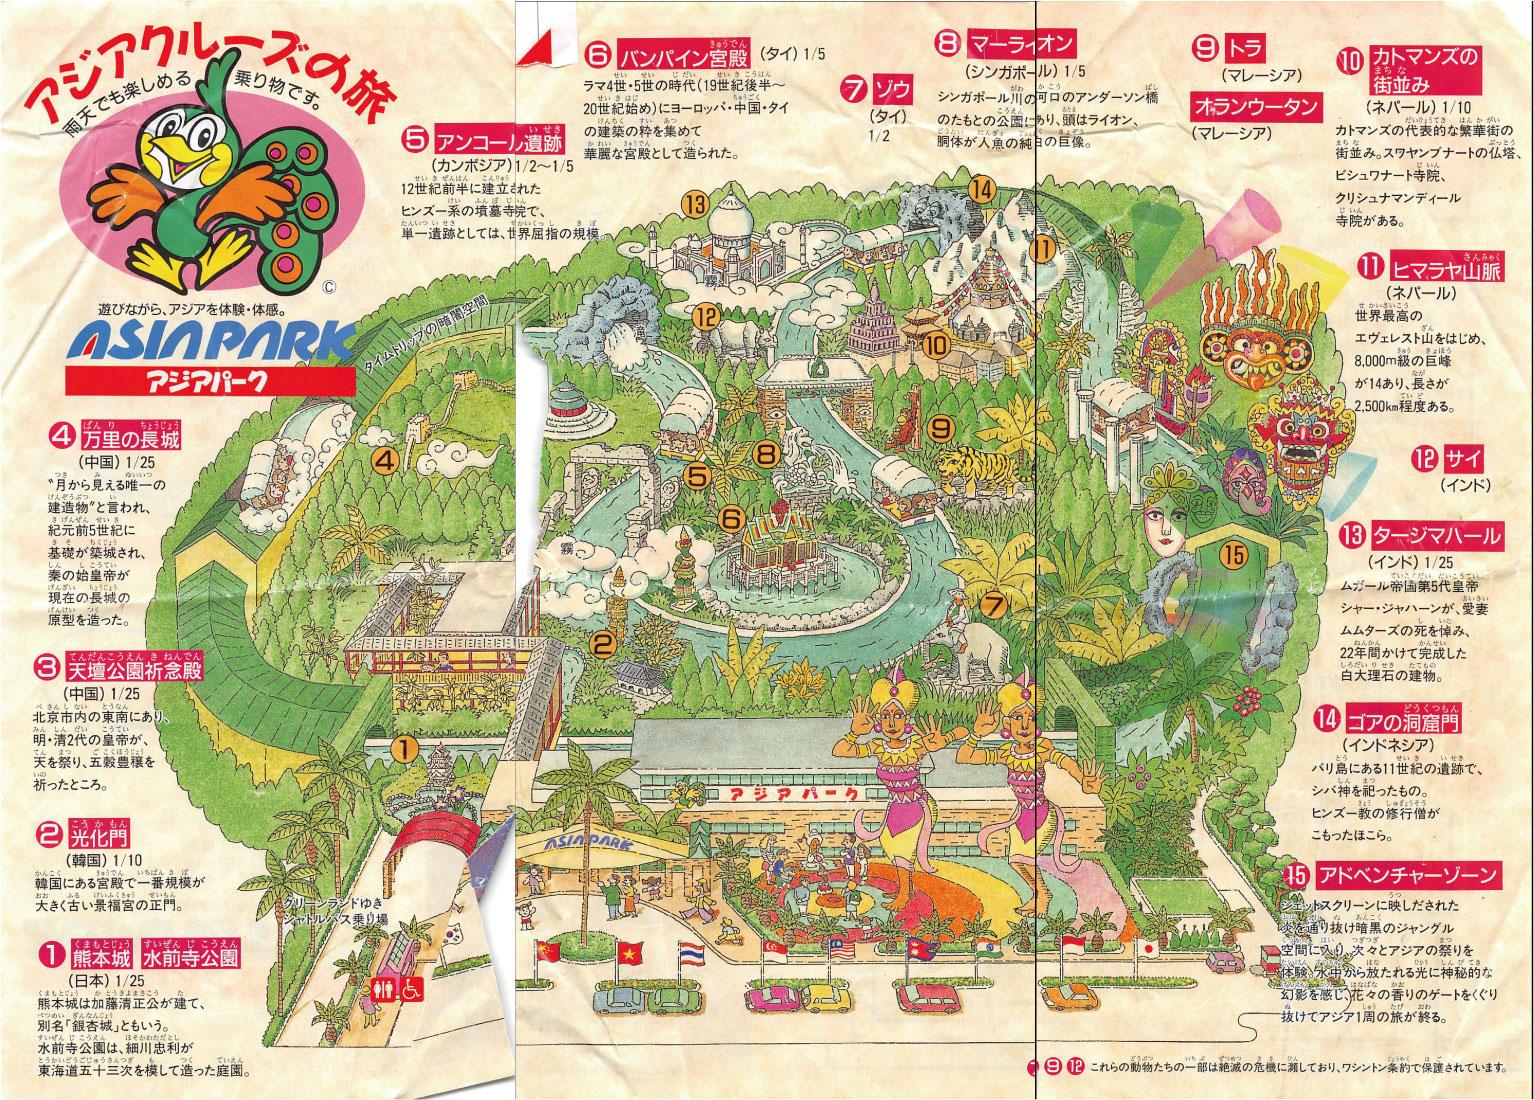 アジアパークのマップ